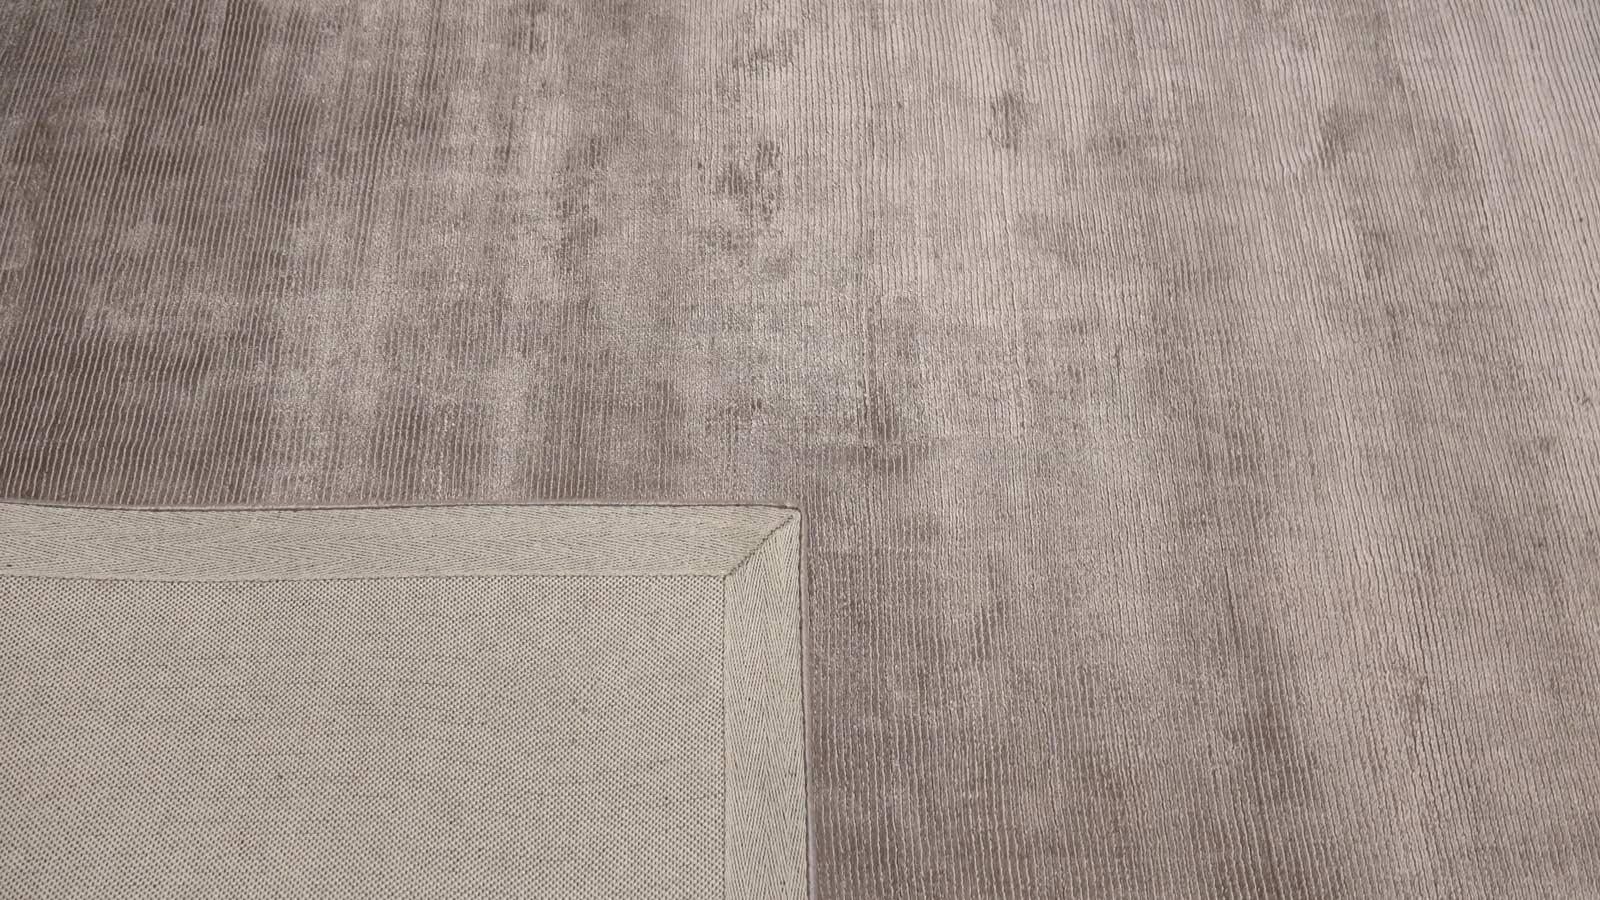 monalisa-design-tapijt-moderne-tapijten-handgeknoopte-design-exclusieve-luxe-vloerkleden-grijs-taupe-300x200-koreman-maastricht-3977-hoek2.jpg